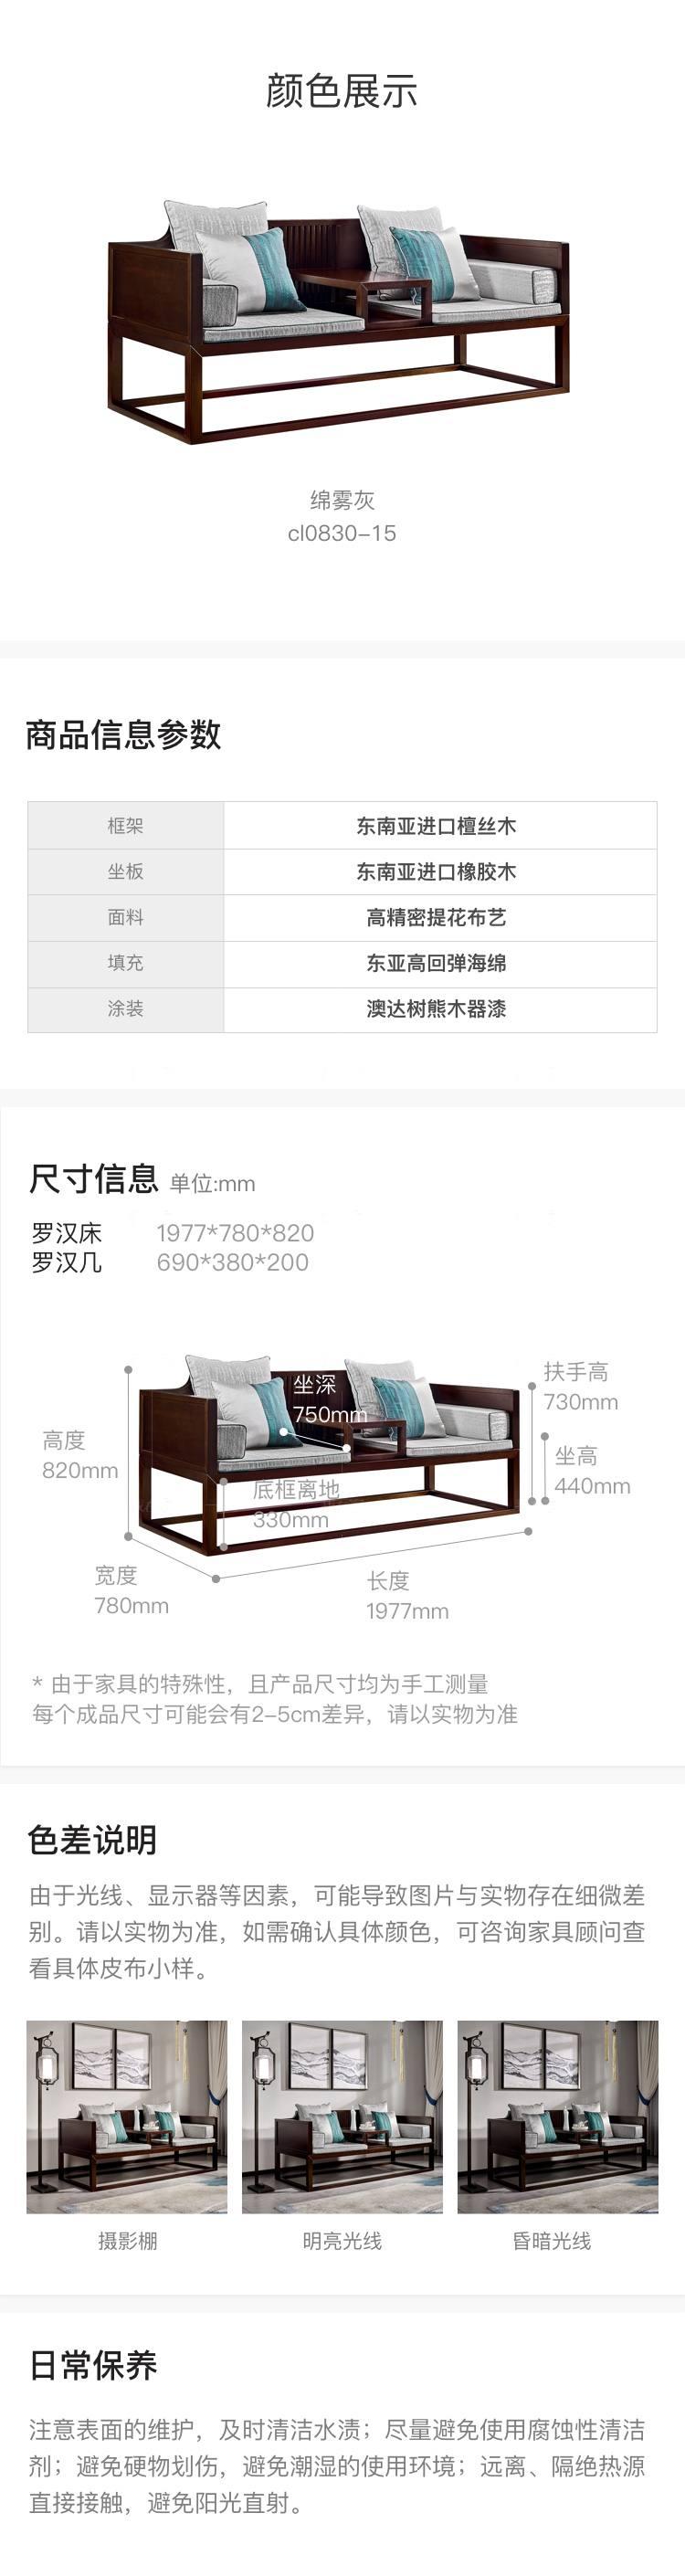 新中式风格似锦罗汉床的家具详细介绍